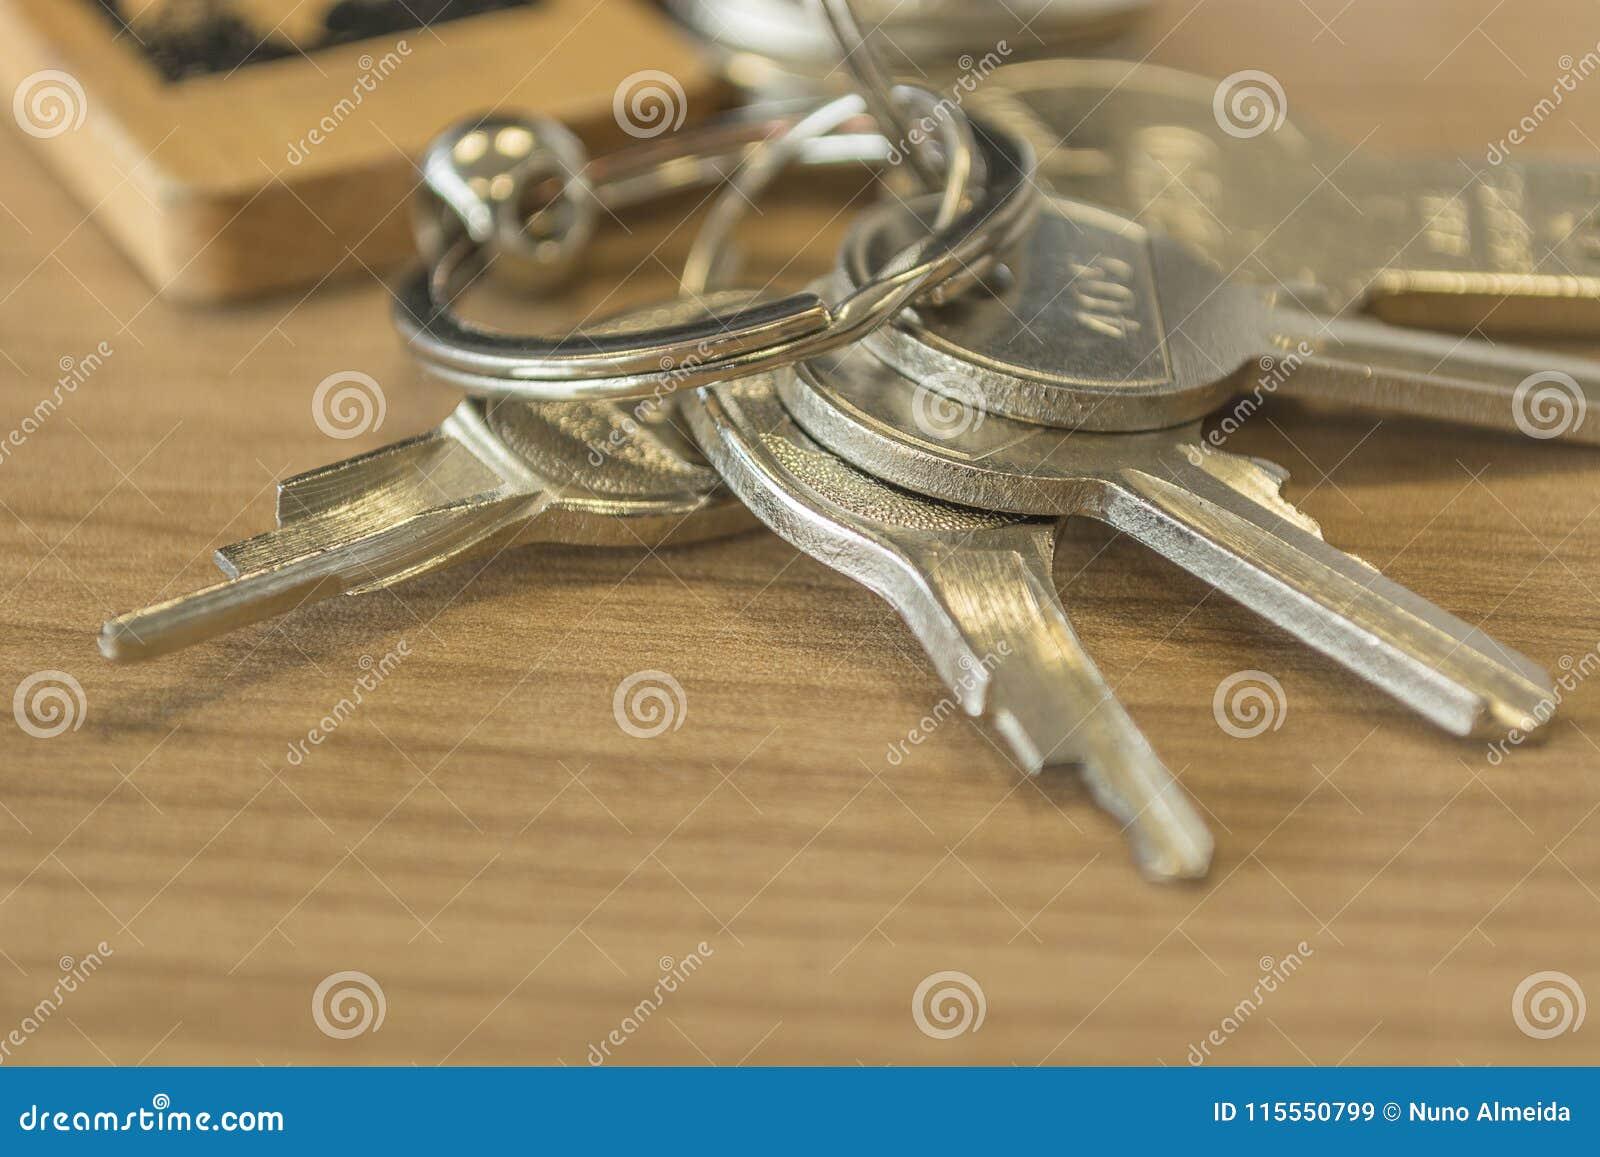 Insieme delle chiavi domestiche dettagliate